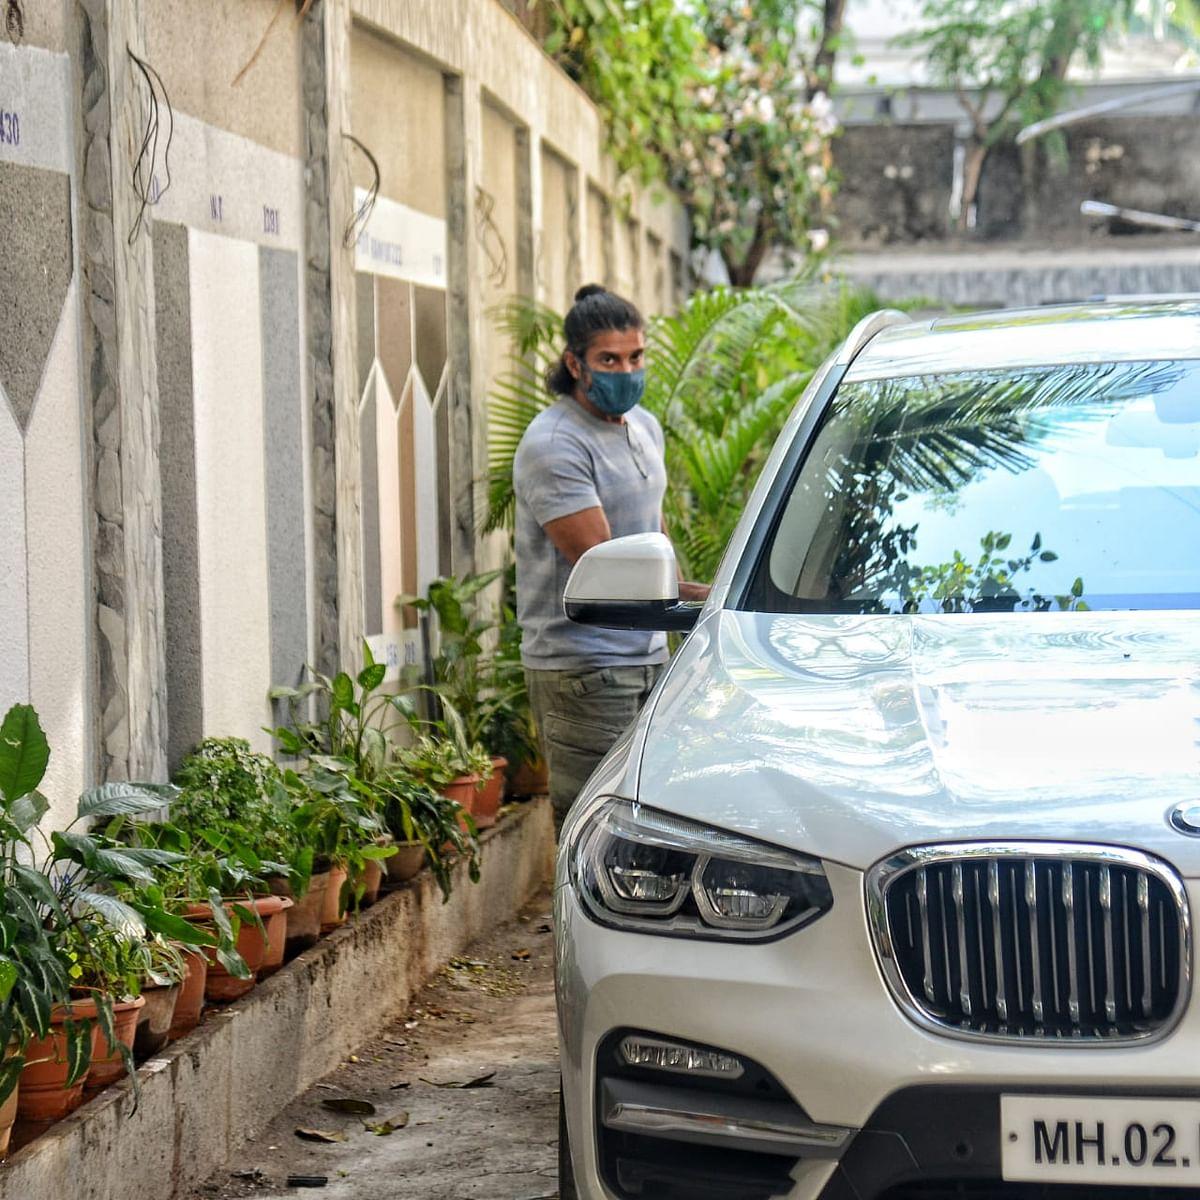 Farhan Akhtar at Javed Akhtar's residence